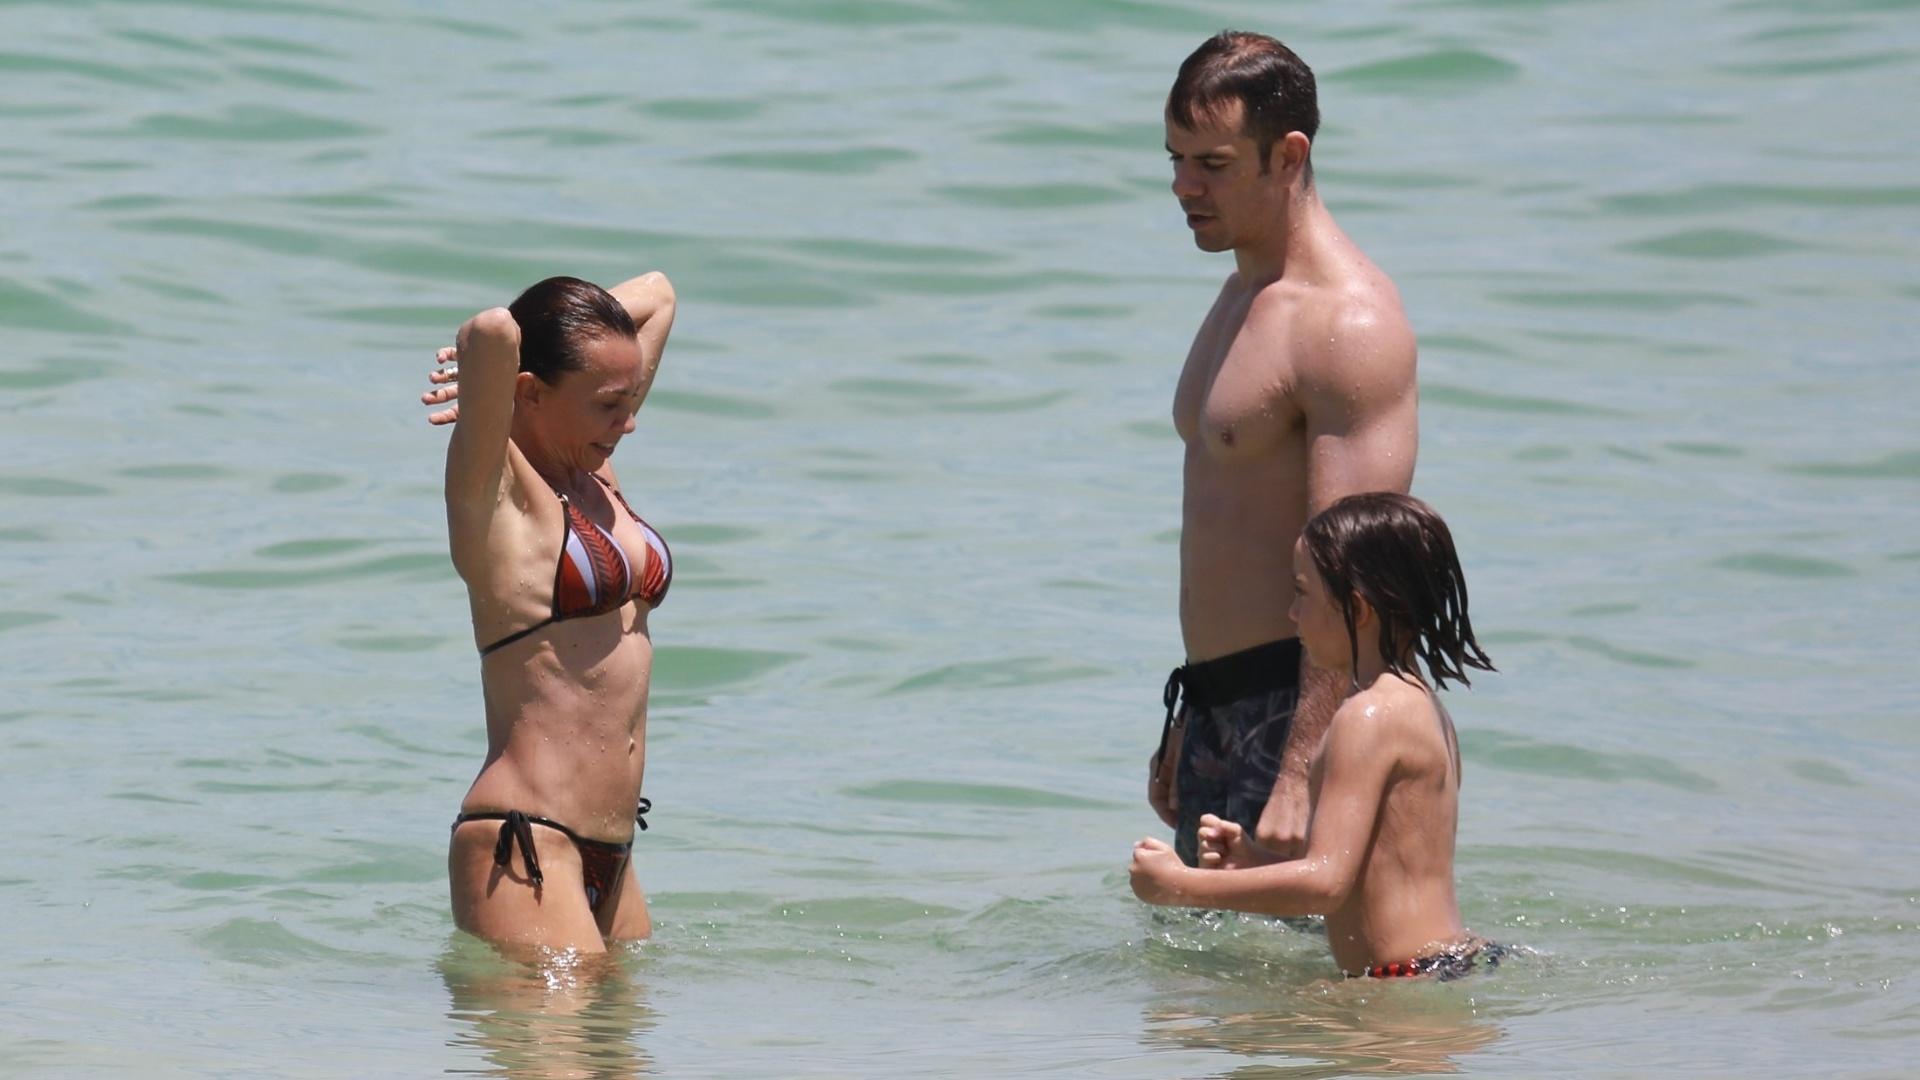 28.fev.2016 - A atriz Carla Marins foi flagrada com a família na praia da Barra da Tijuca, no Rio de Janeiro. Aos 47 anos, Carla mostrou que continua em ótima forma. Ela é casada desde 2006 com o personal trainer Hugo Baltazar, com quem teve Leon